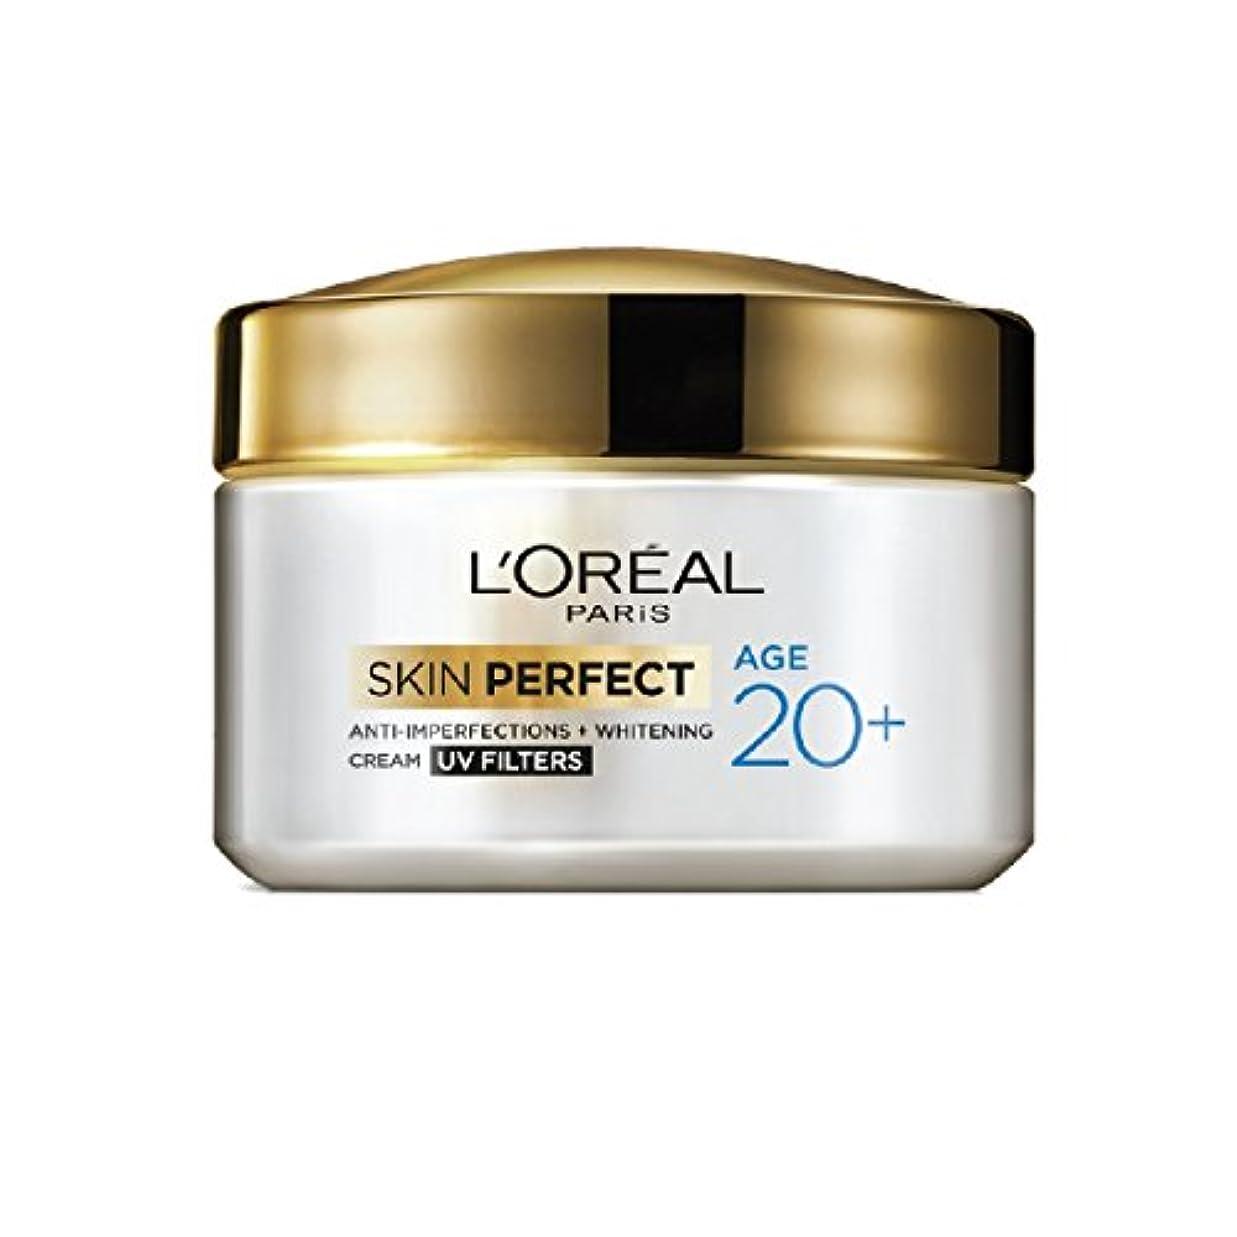 誓約有限時代L'Oreal Paris Skin Perfect 20+ Anti-Imperfections + Whitening Cream, 50g